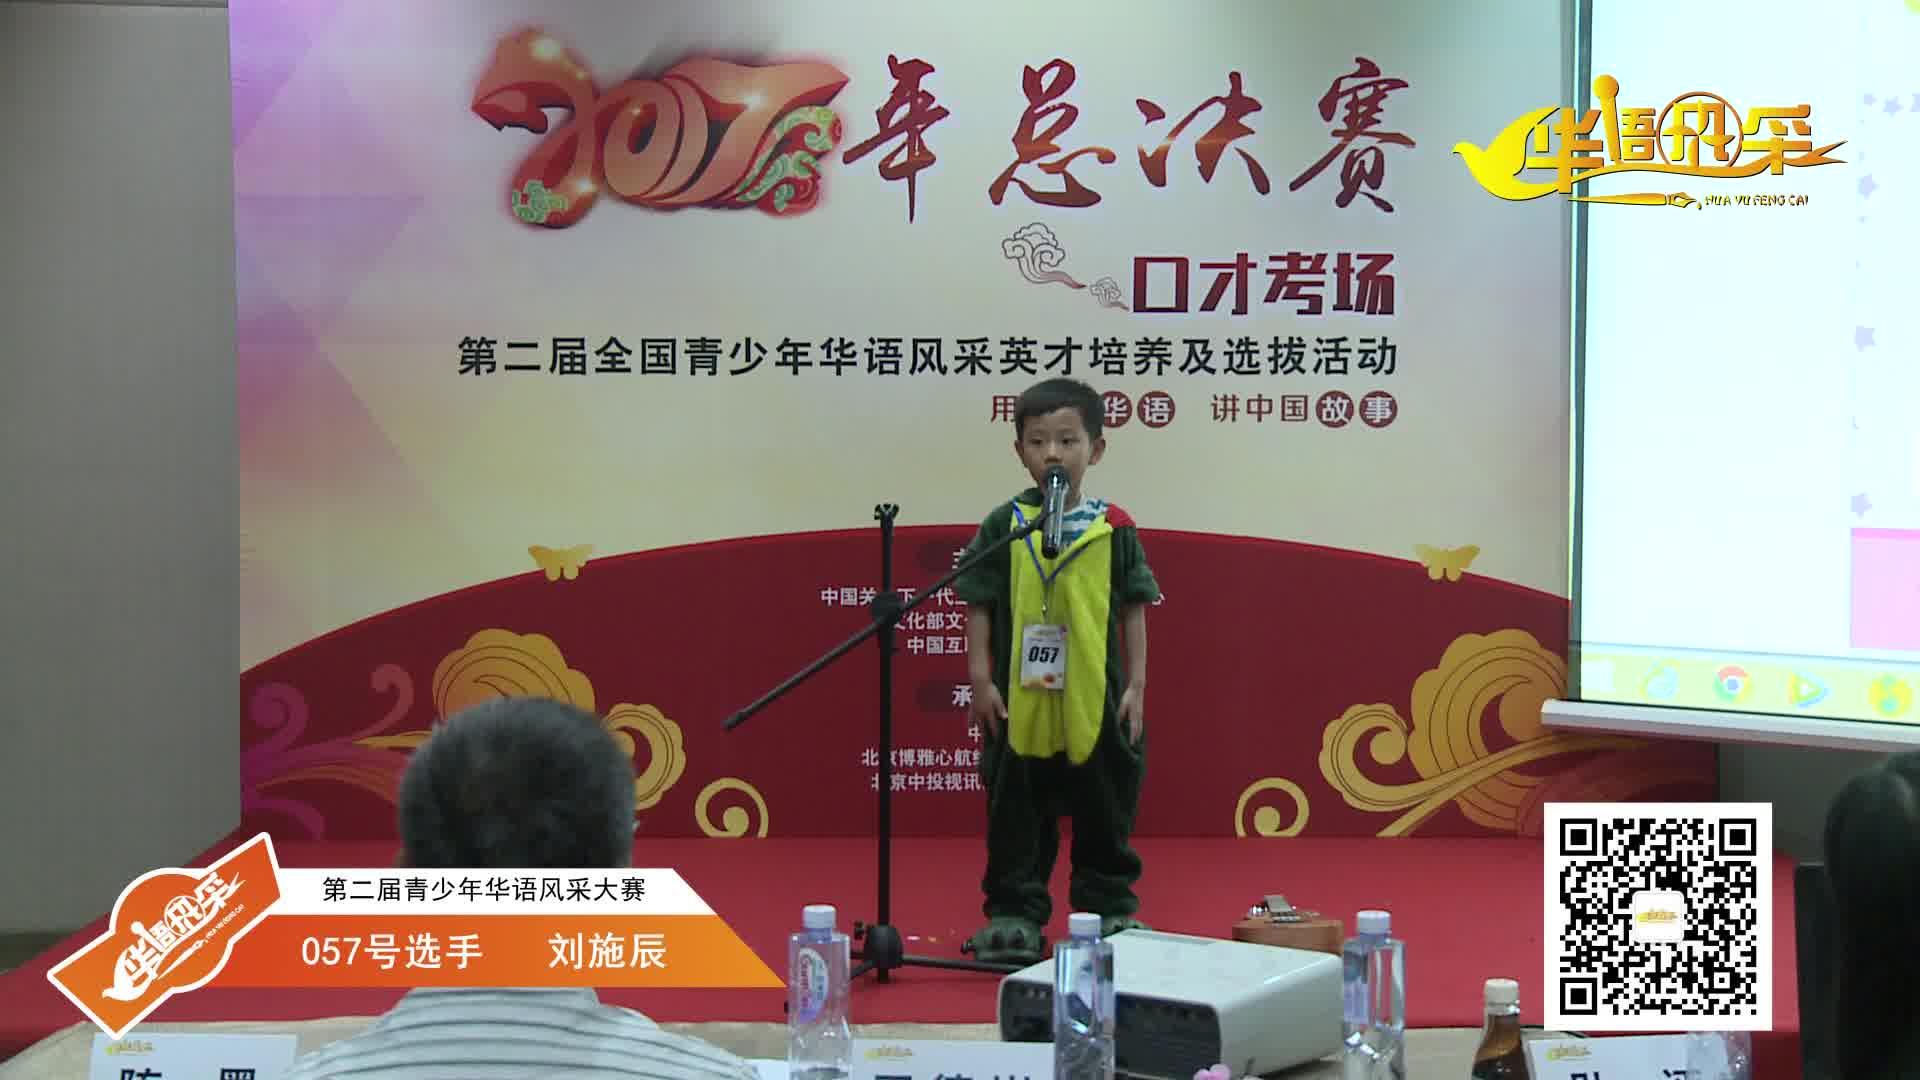 057号选手:刘施辰